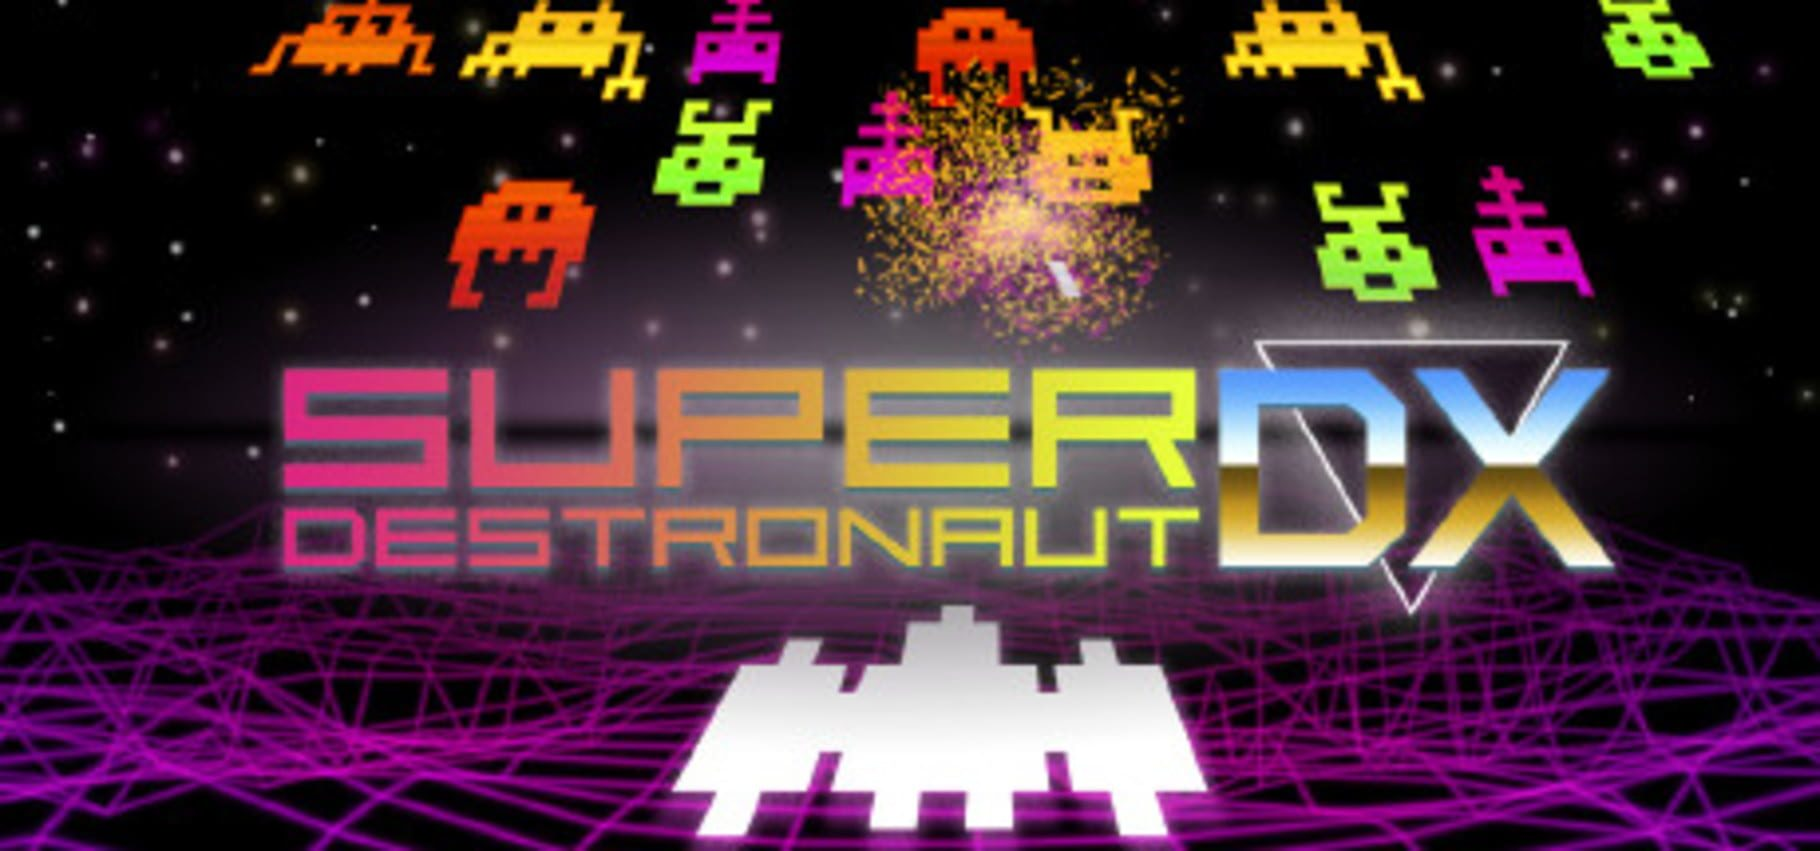 buy Super Destronaut DX cd key for pc platform